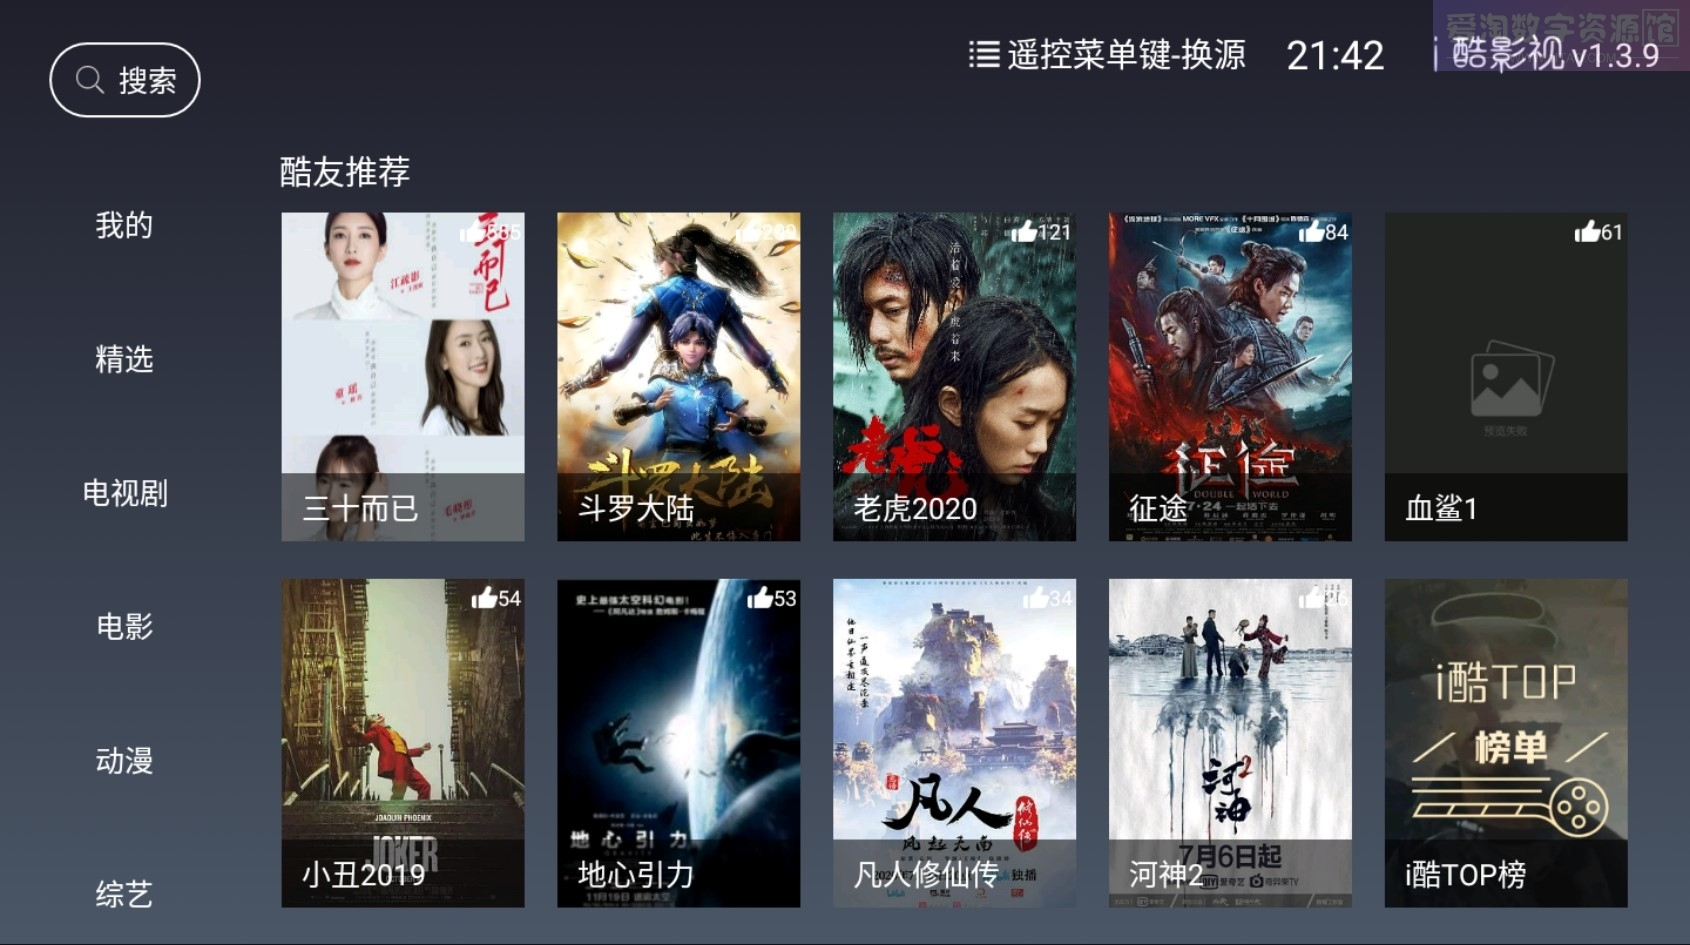 i酷影视v1.3.9 电视盒子软件最新版下载追剧必备 精品软件 第1张